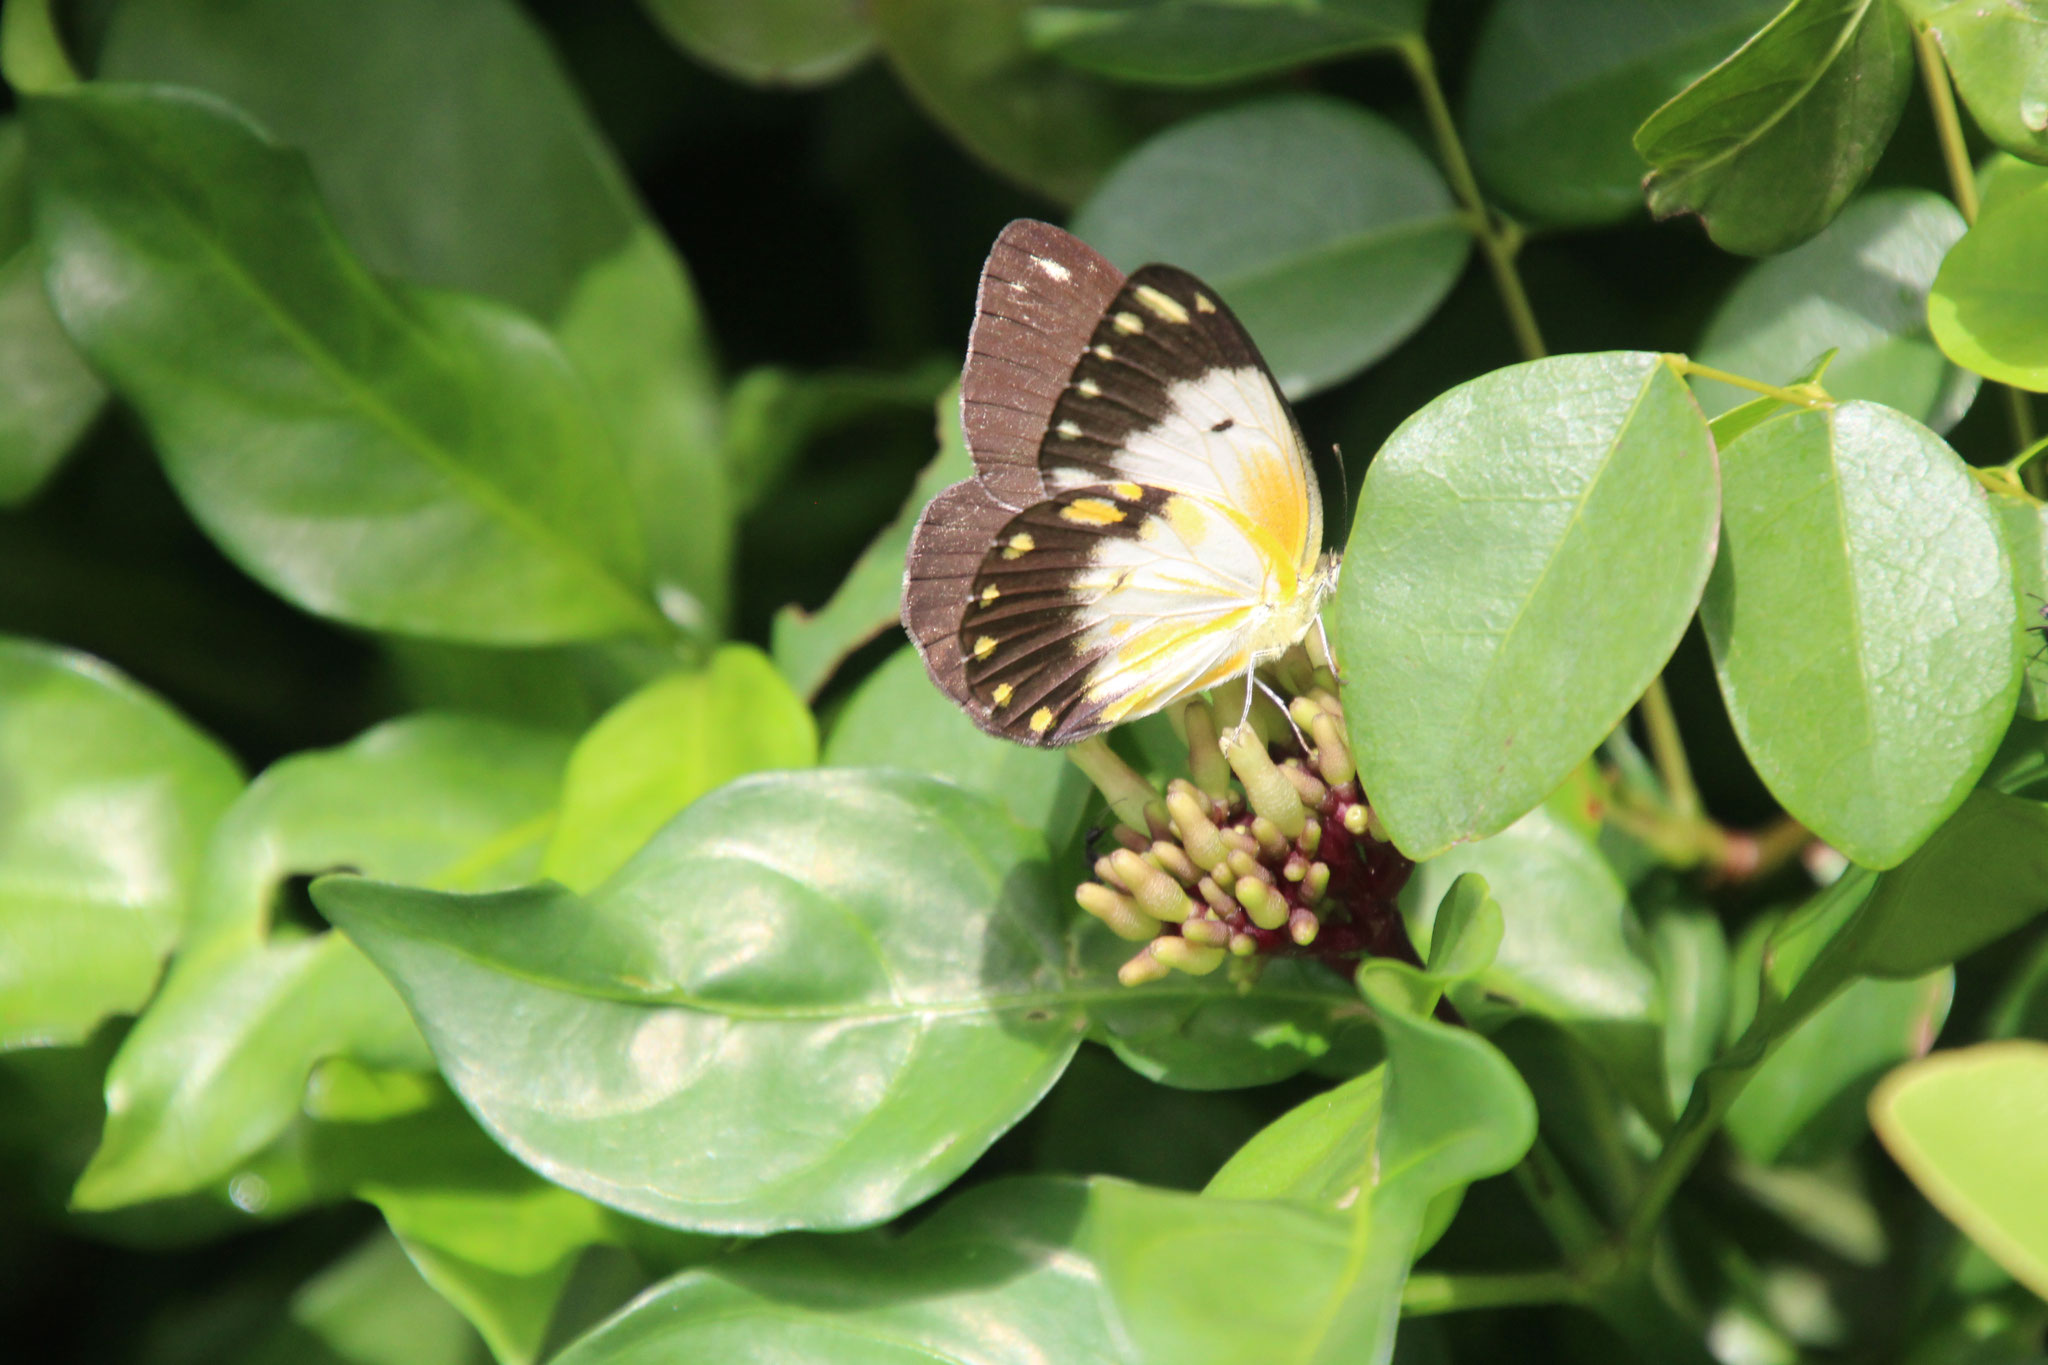 Schmetterling im Wald von Agbata.